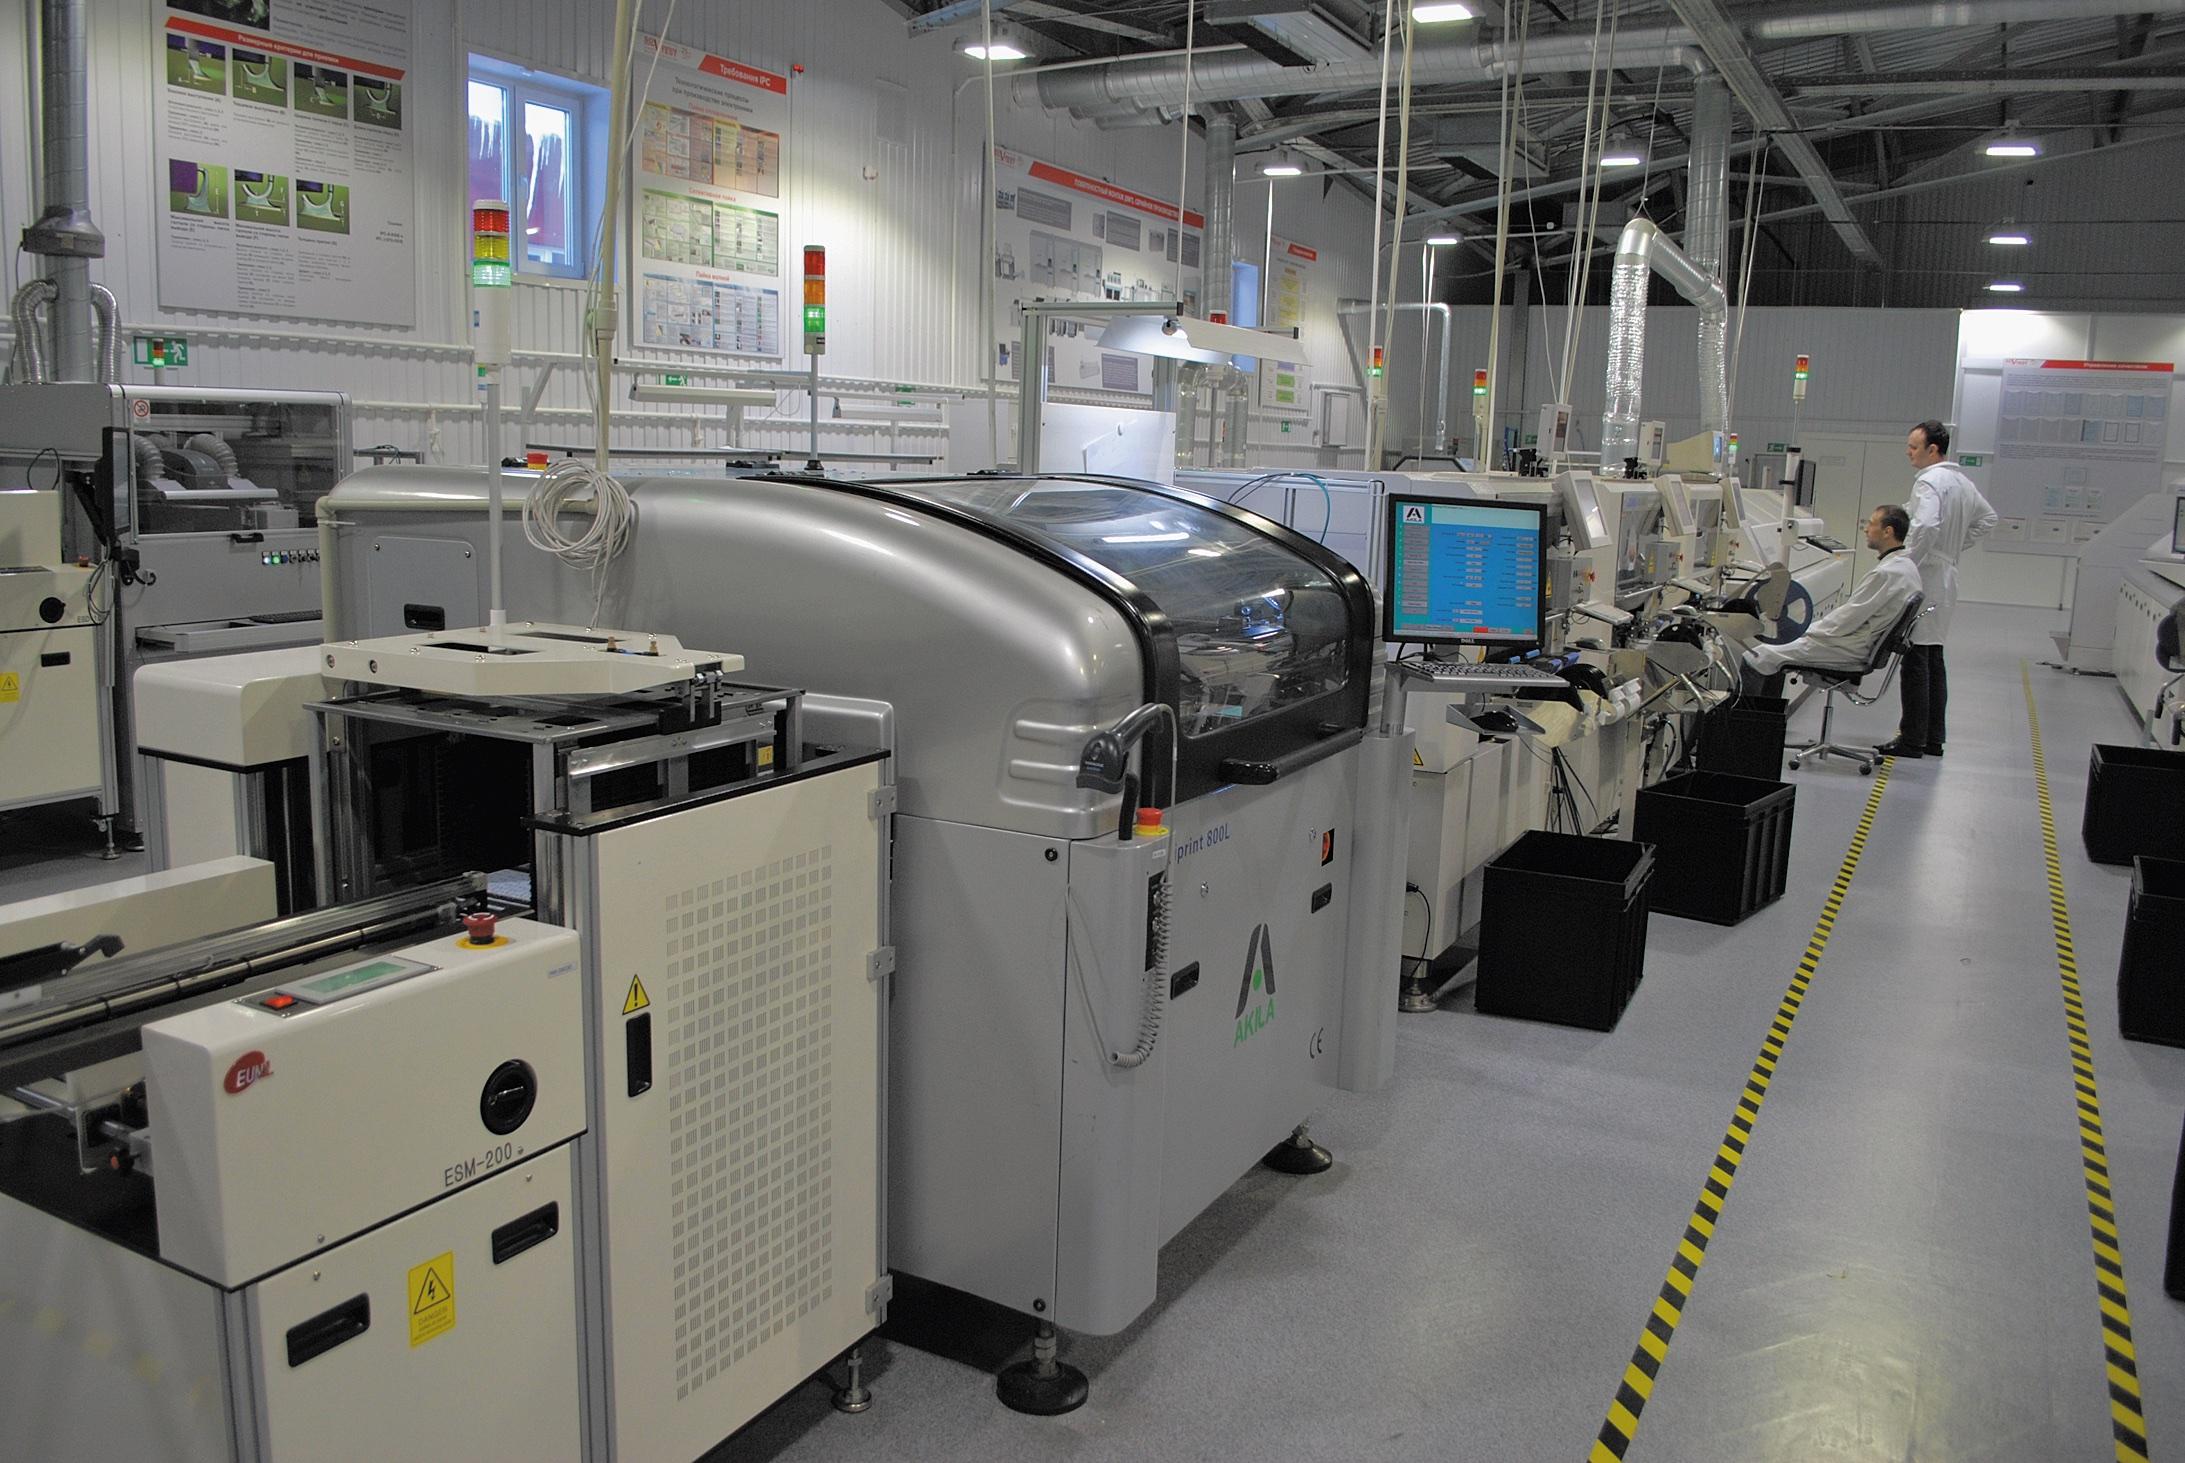 Суммарная мощность первой линии, где собраны установщики КЕ1080, КЕ2060 и КЕ2070, согласно стандарту IPC9850, составляет 42 600 устанавливаемых комп./ч